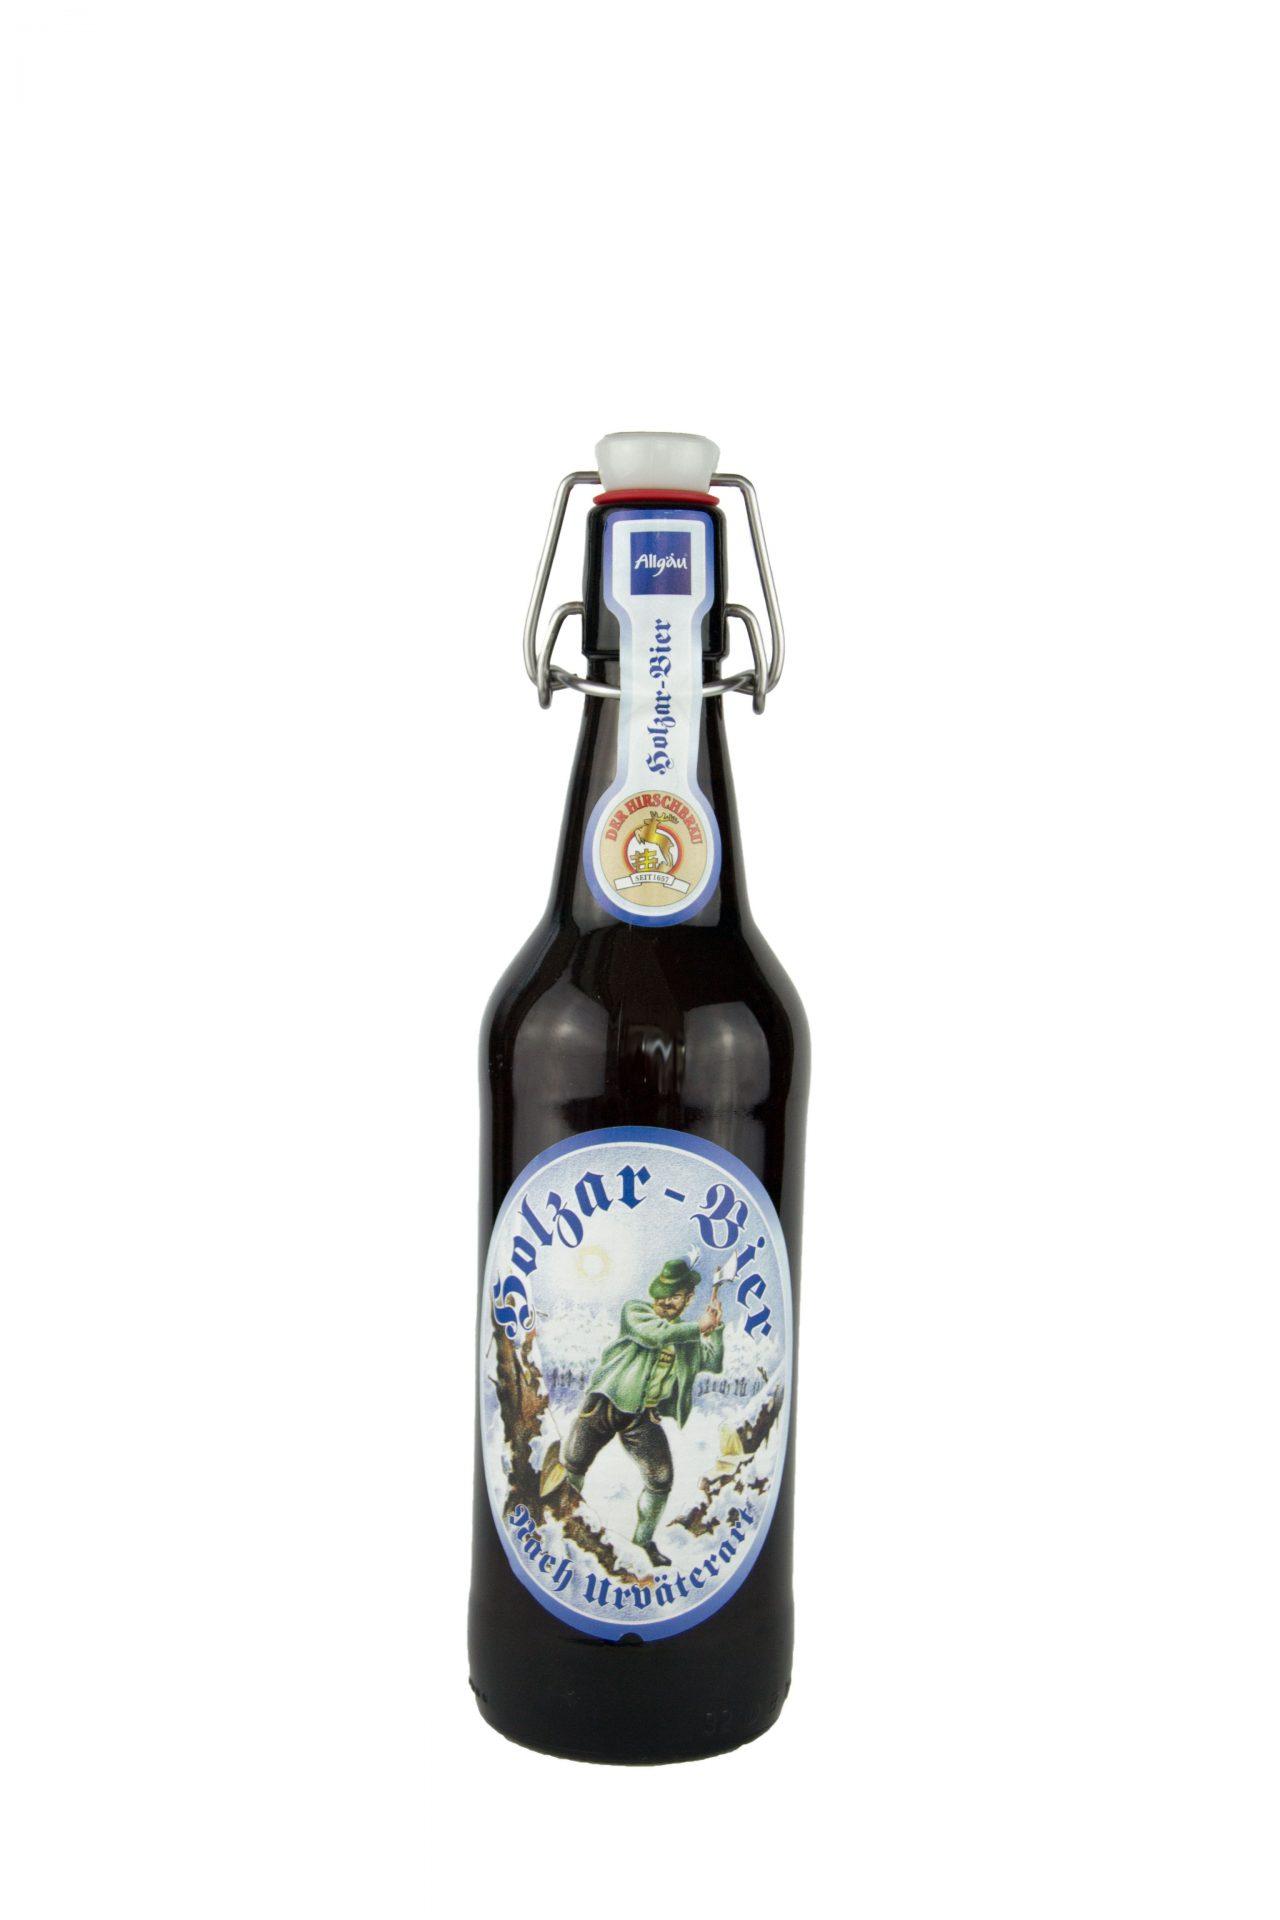 Höss Bier – Holzar-Bier